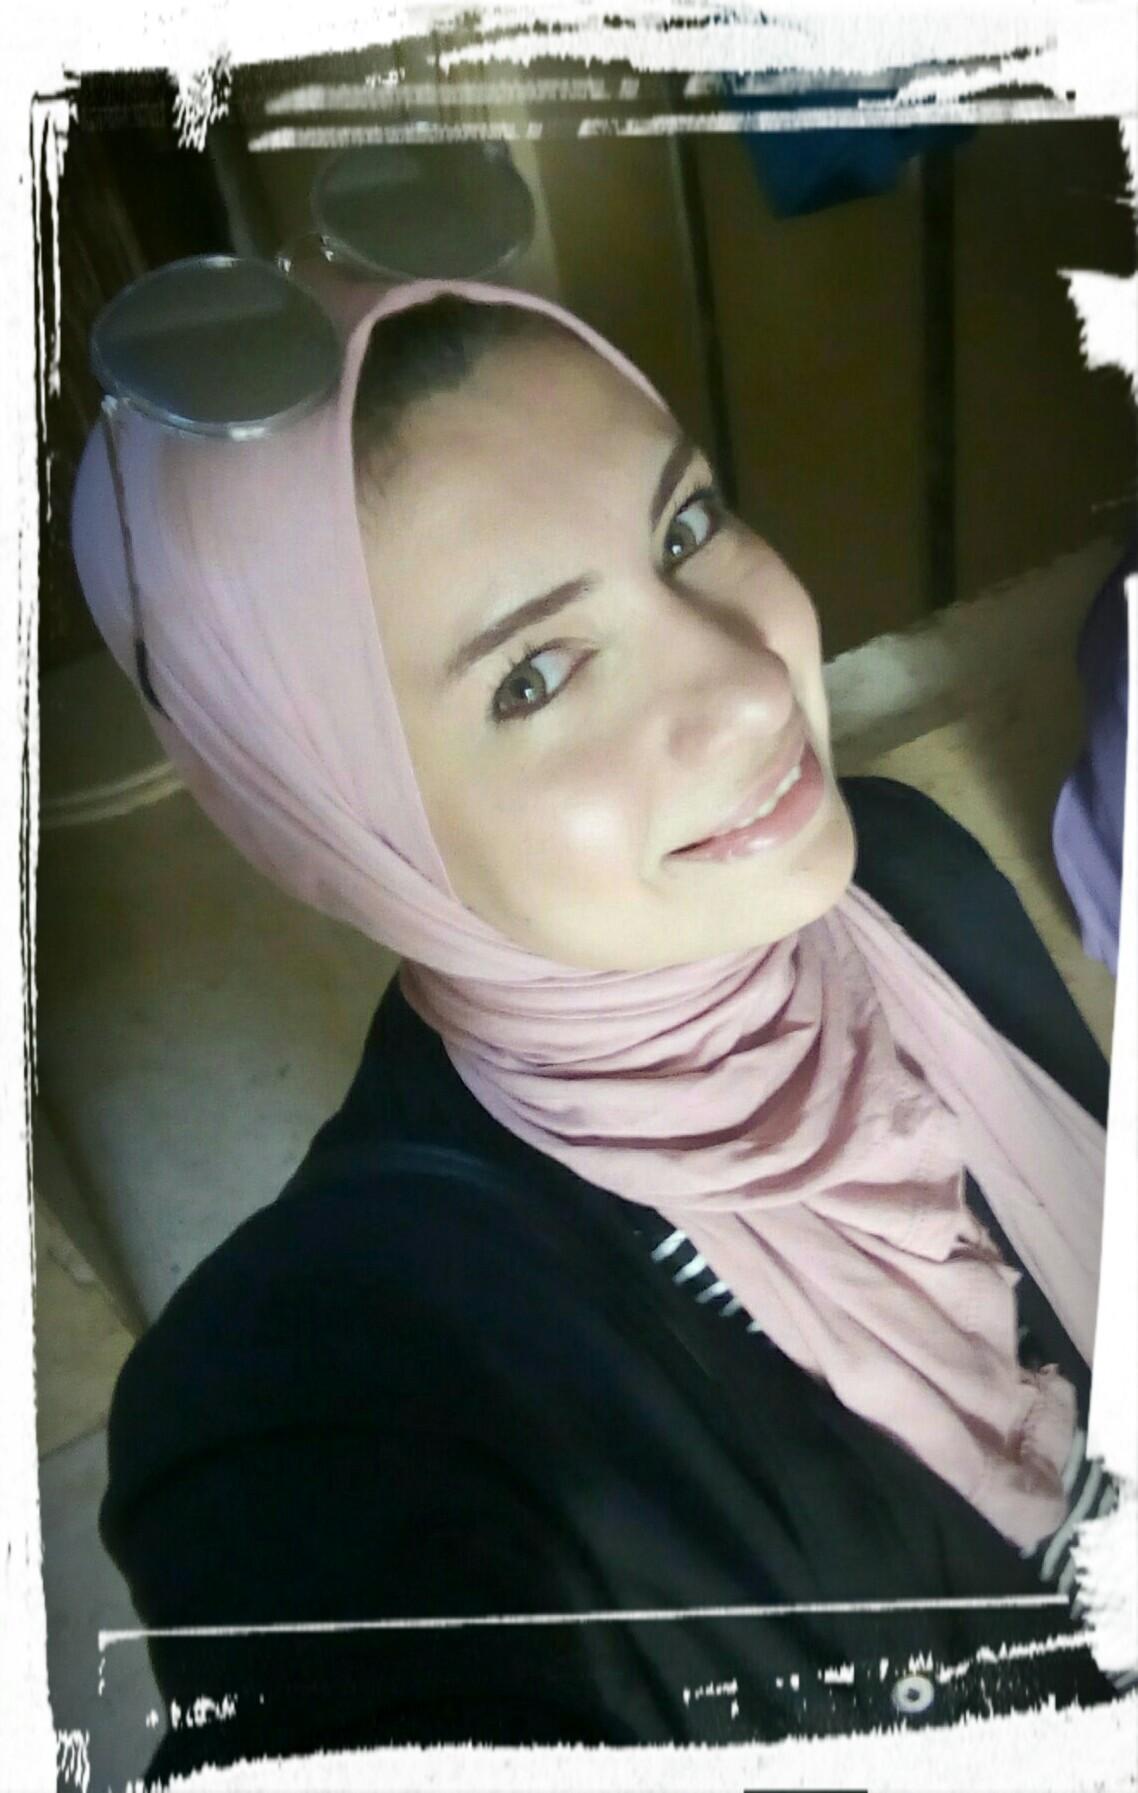 صورة صاحب التعليق - Ghada